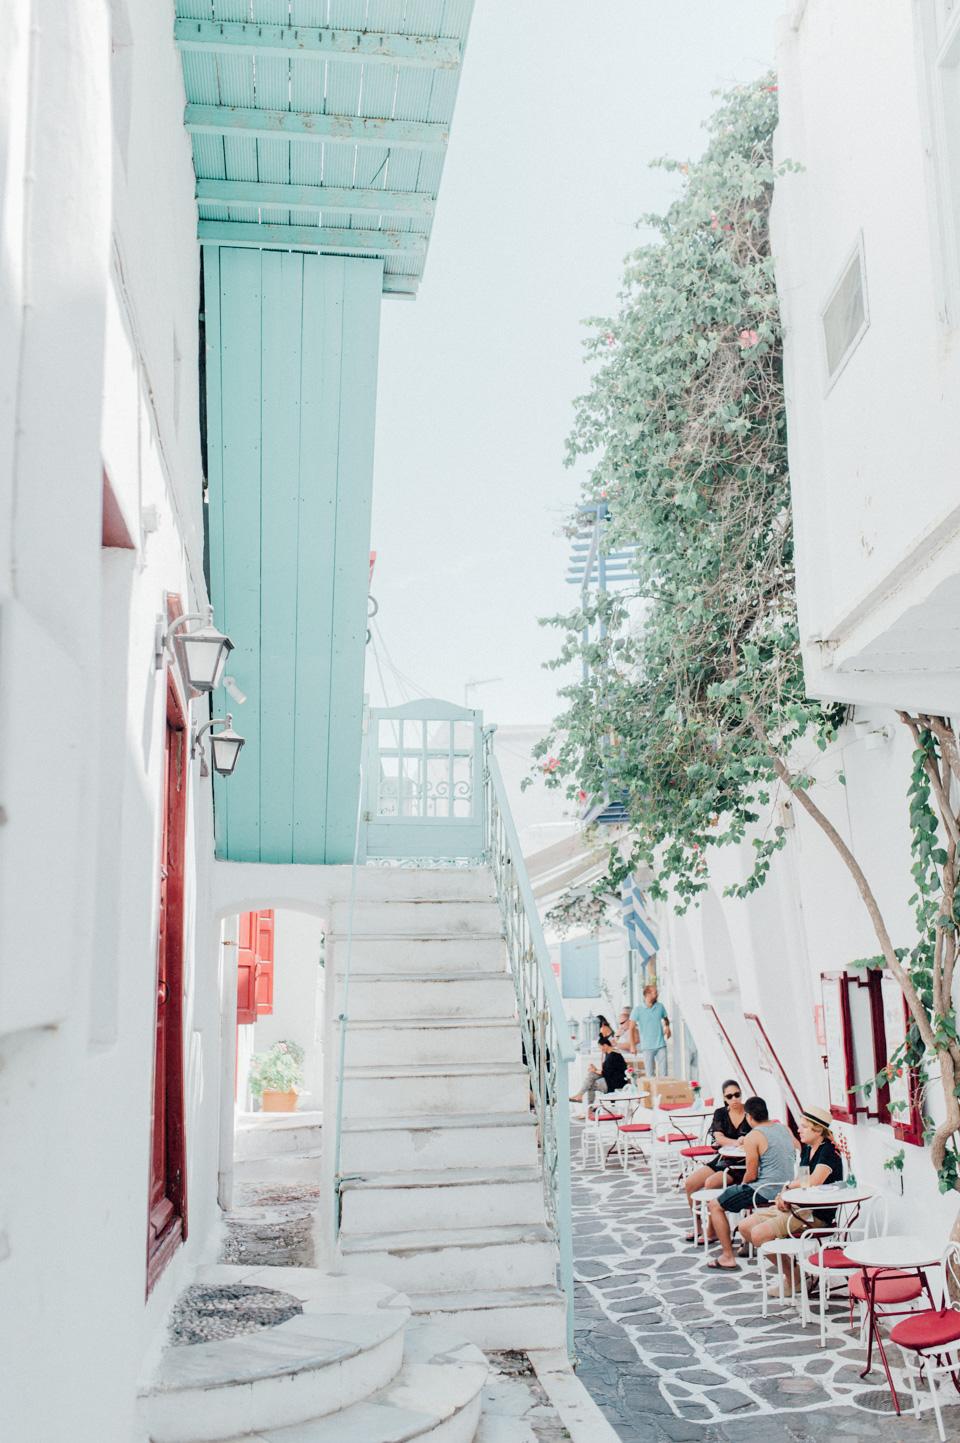 love-wins-beach-wedding-2 Ervin & Ian Love wins. Hochzeit auf Mykonos. Foto & Filmlove wins beach wedding 2